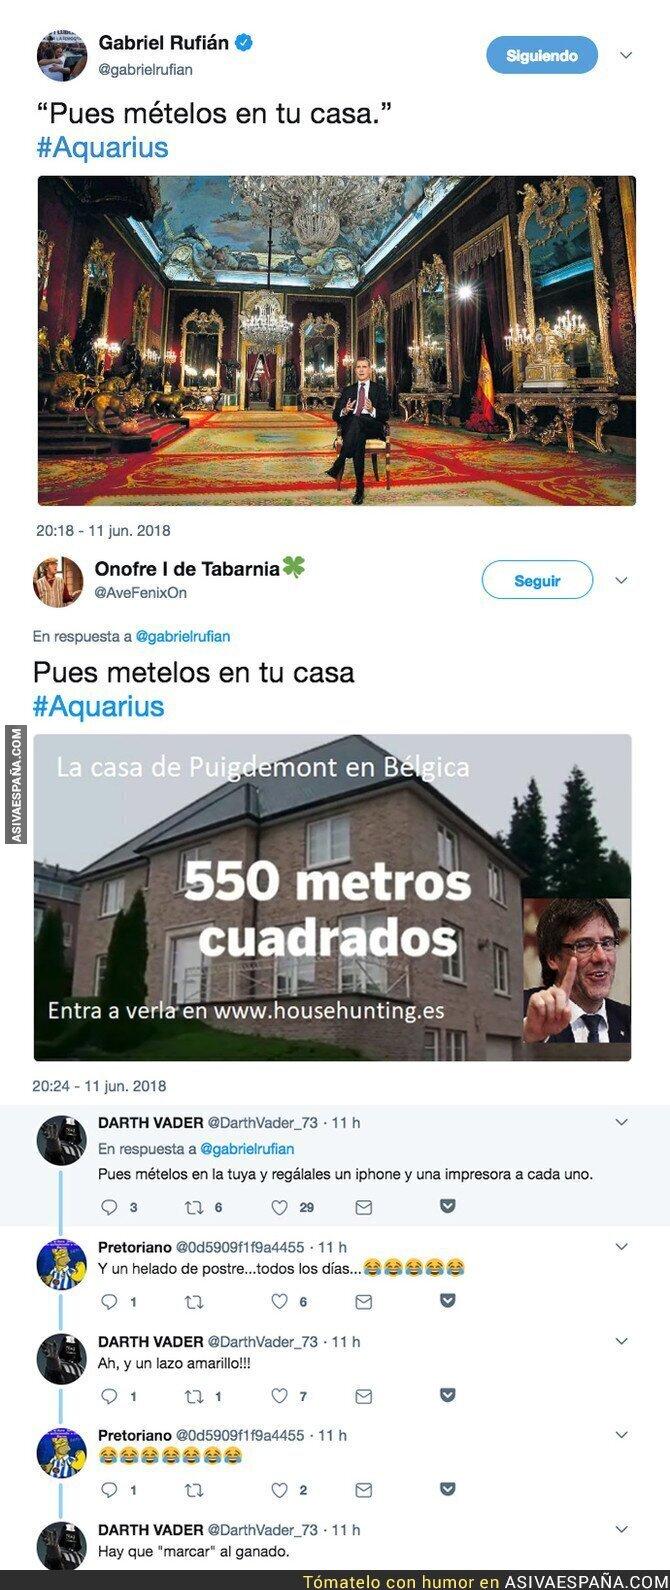 88264 - Gabriel Rufián la lía parda con este tuit contra el Rey relacionándolo con los refugiados del Aquarius